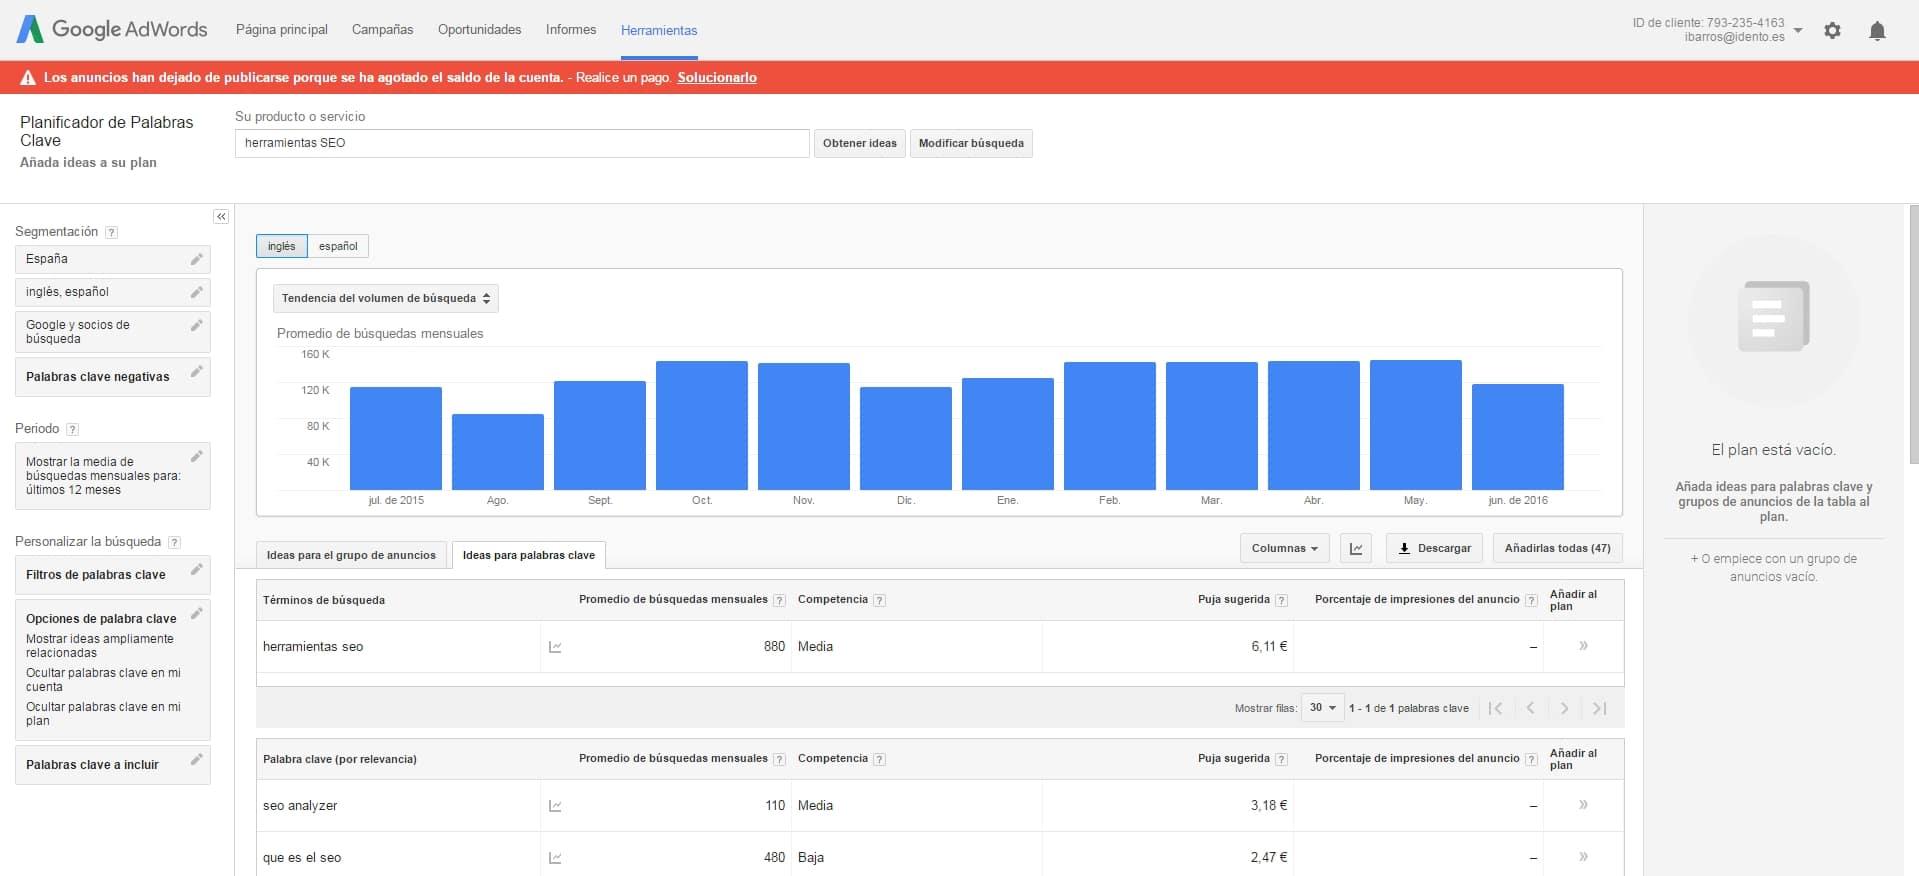 Herramientas SEO - Investigación de palabras clave   Planificador de palabras clave Google Adwords